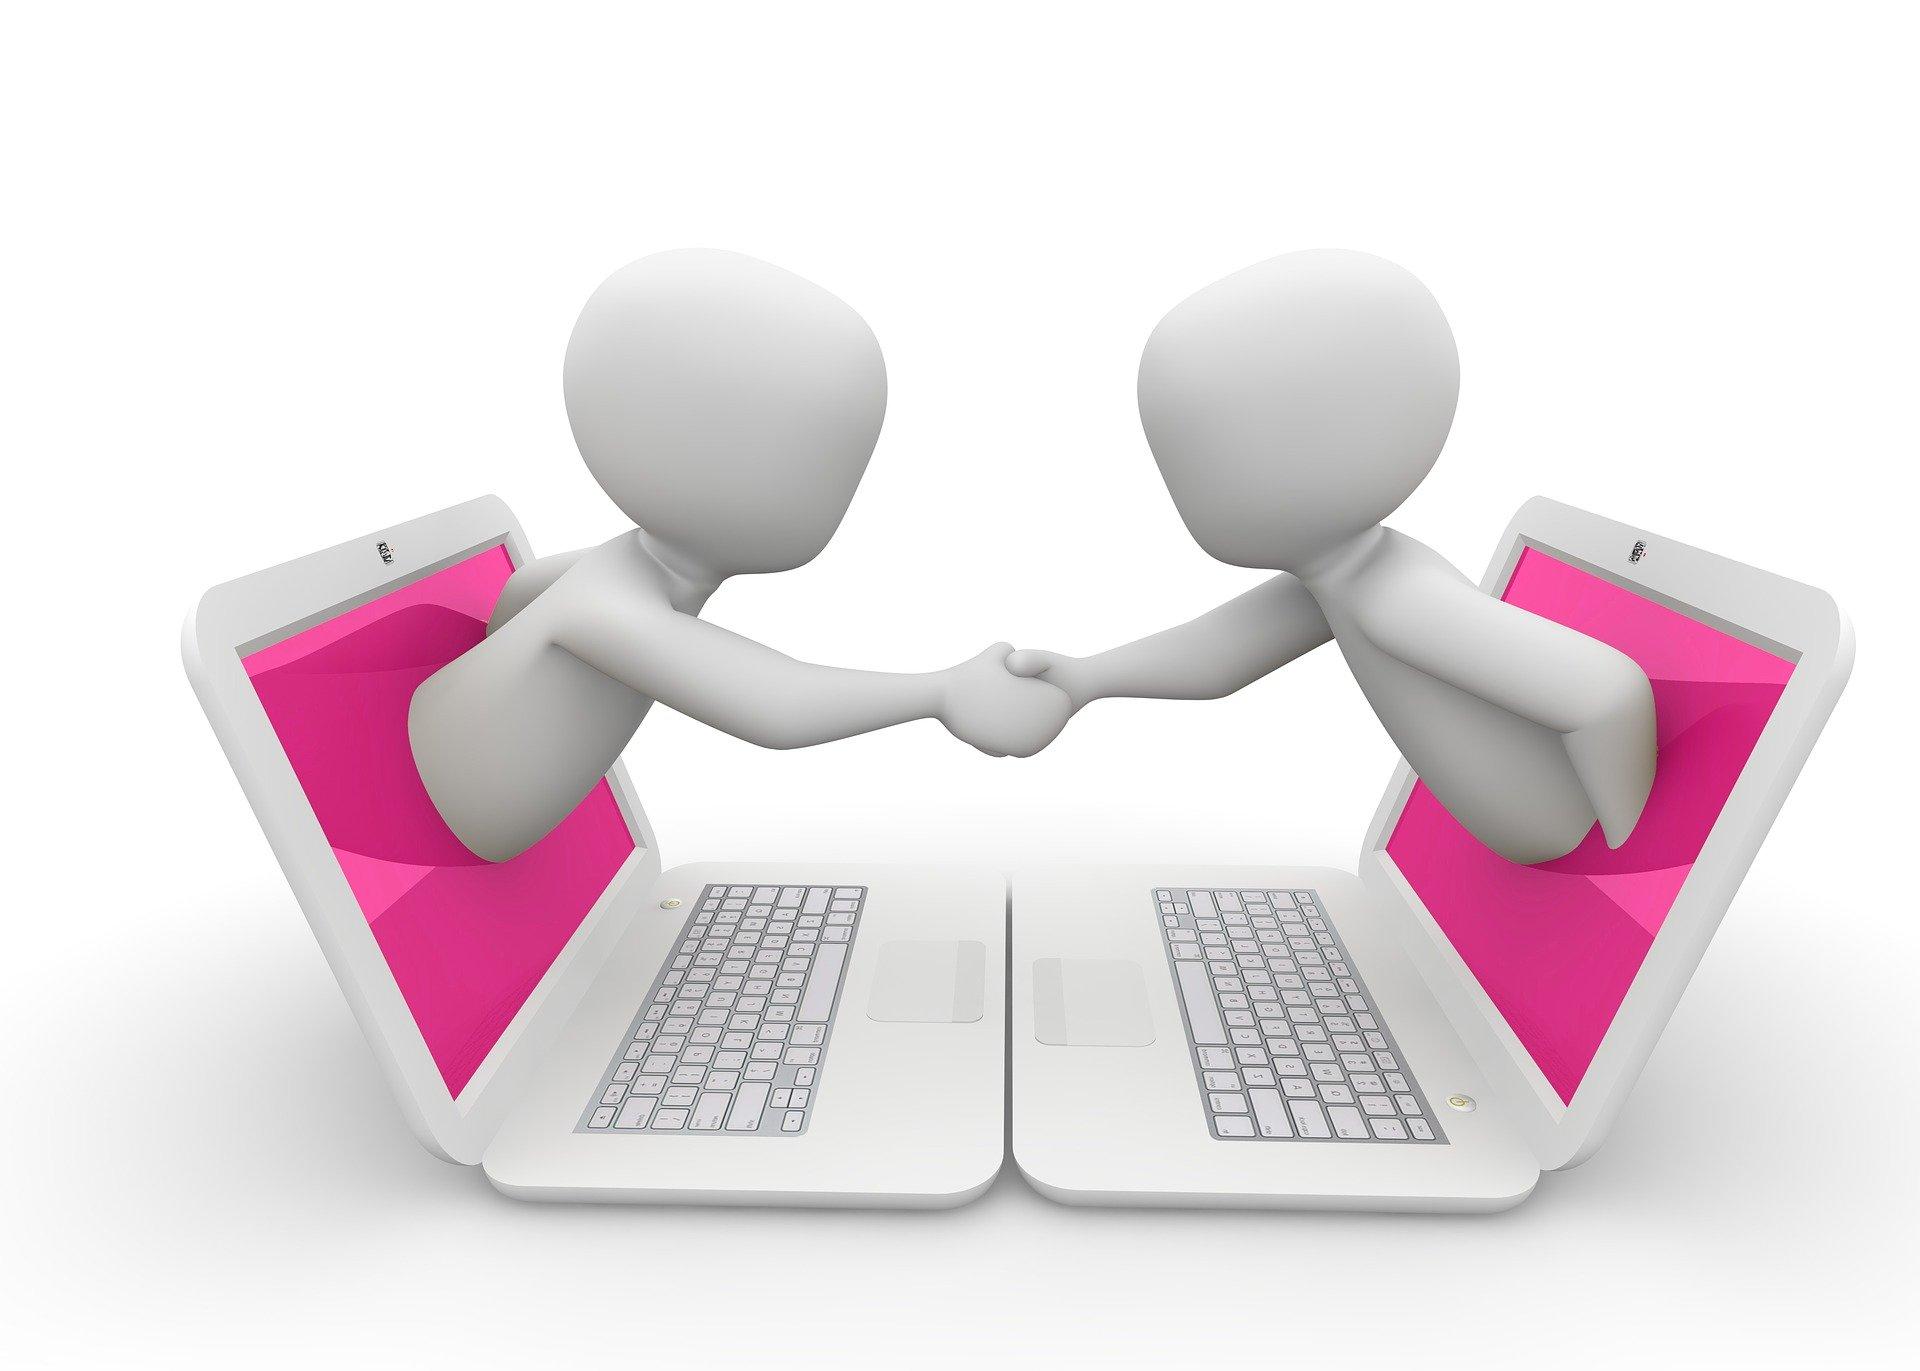 personnages se serrent la main entre 2 ordinateurs